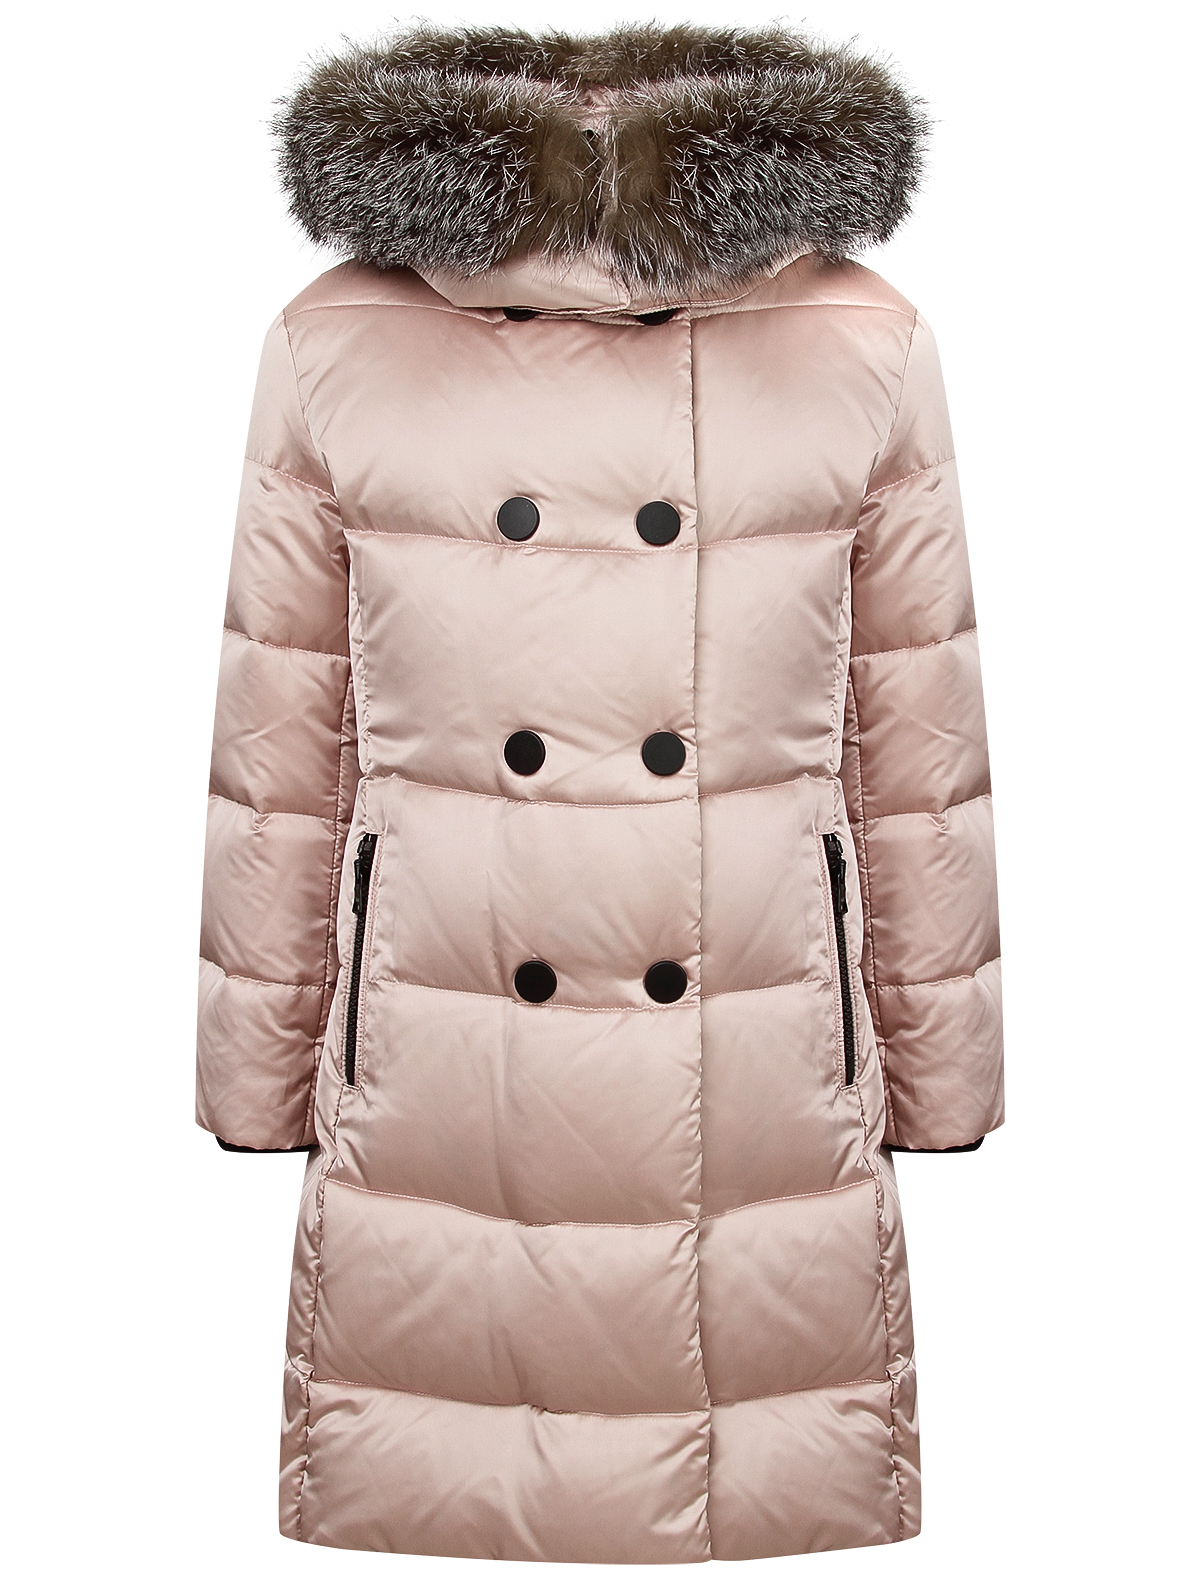 Купить 2121281, Пальто Jums Kids, розовый, Женский, 1122609980060